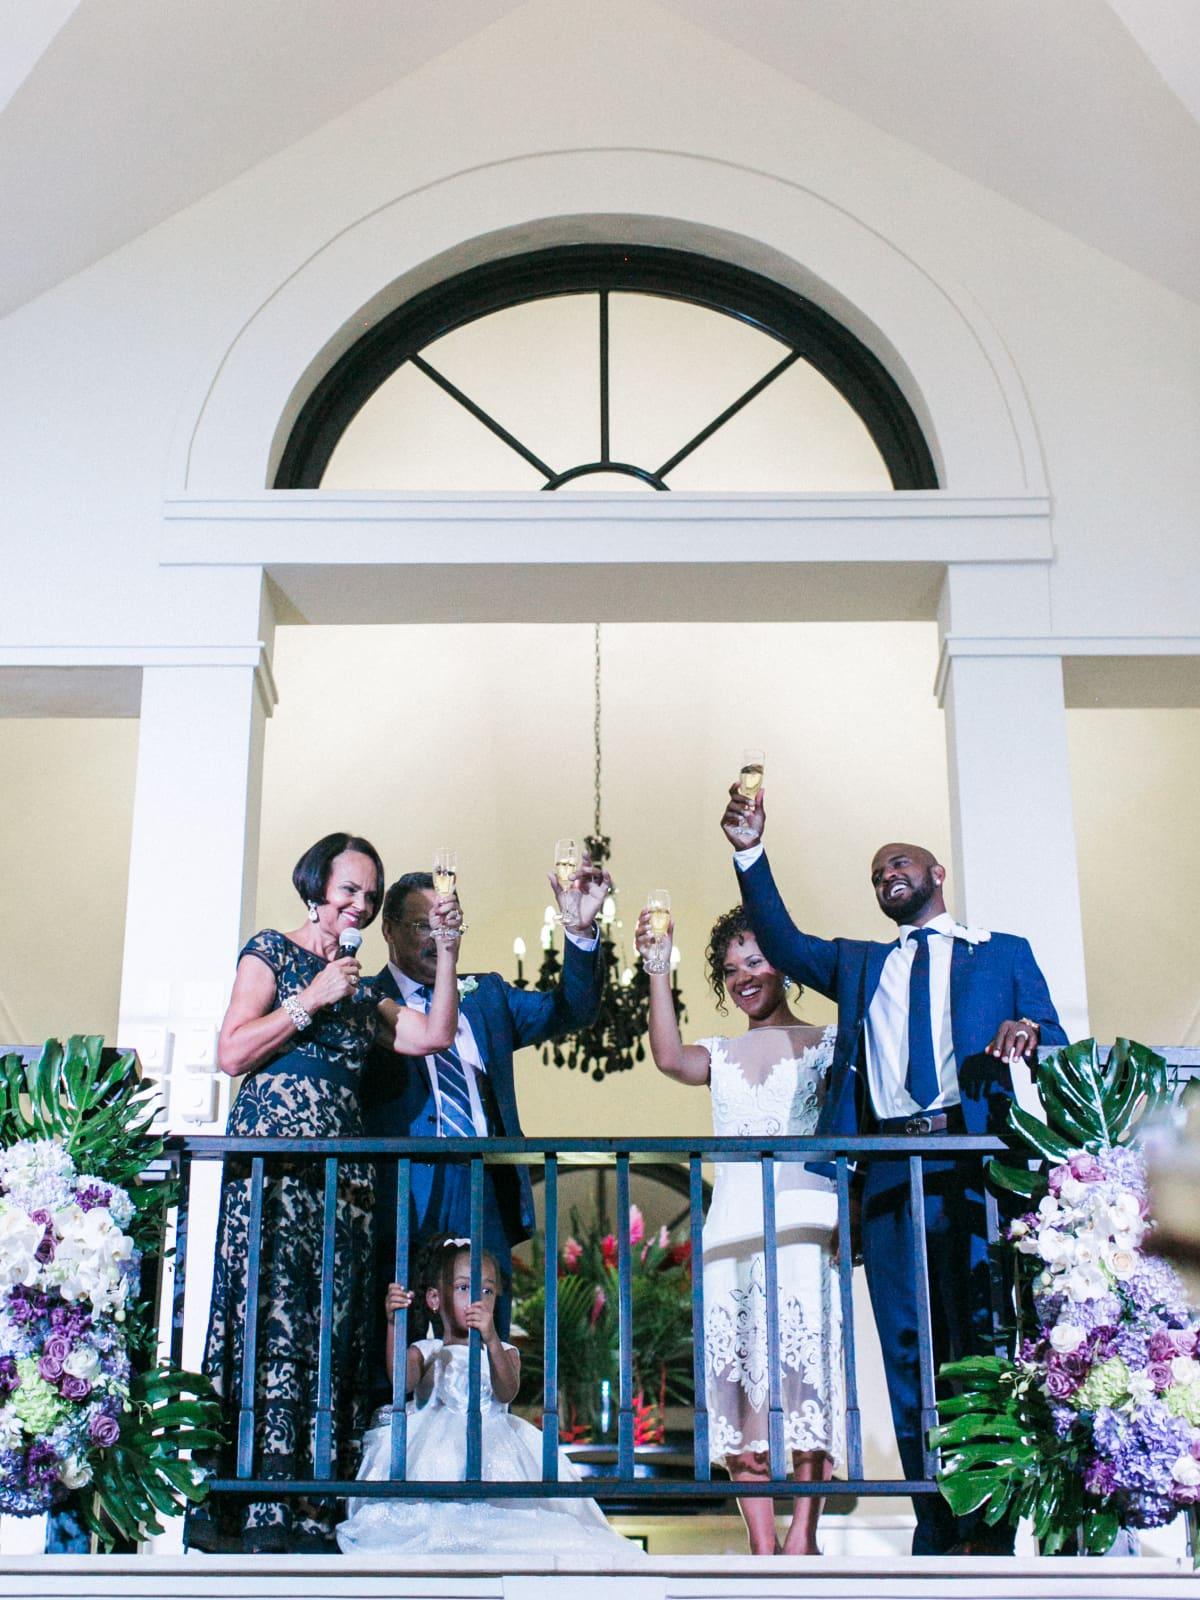 Wonderful Weddings, Kendhal Gardner, Feb. 2016, Dr. Donald G. Gardner, Gayla Gardner, Kendahl and John